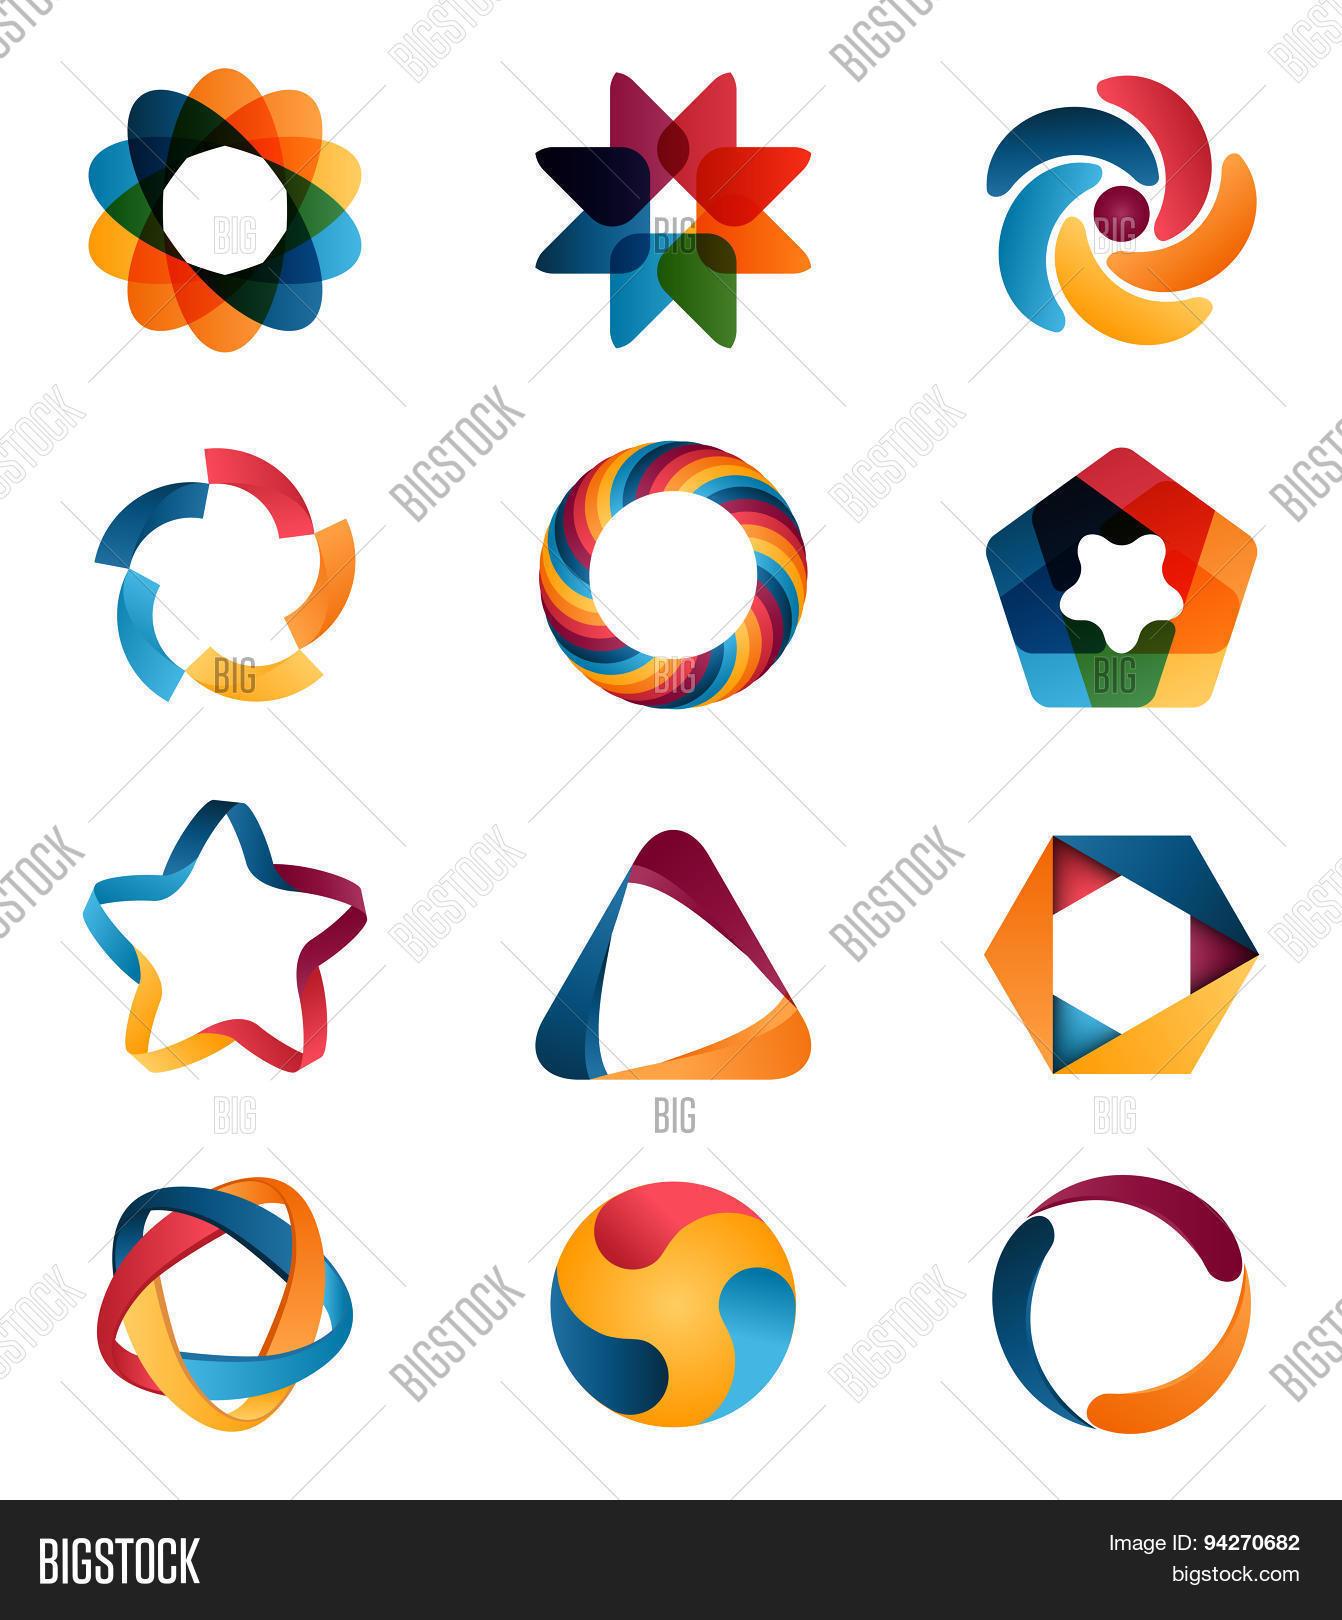 Как сделать круг символ